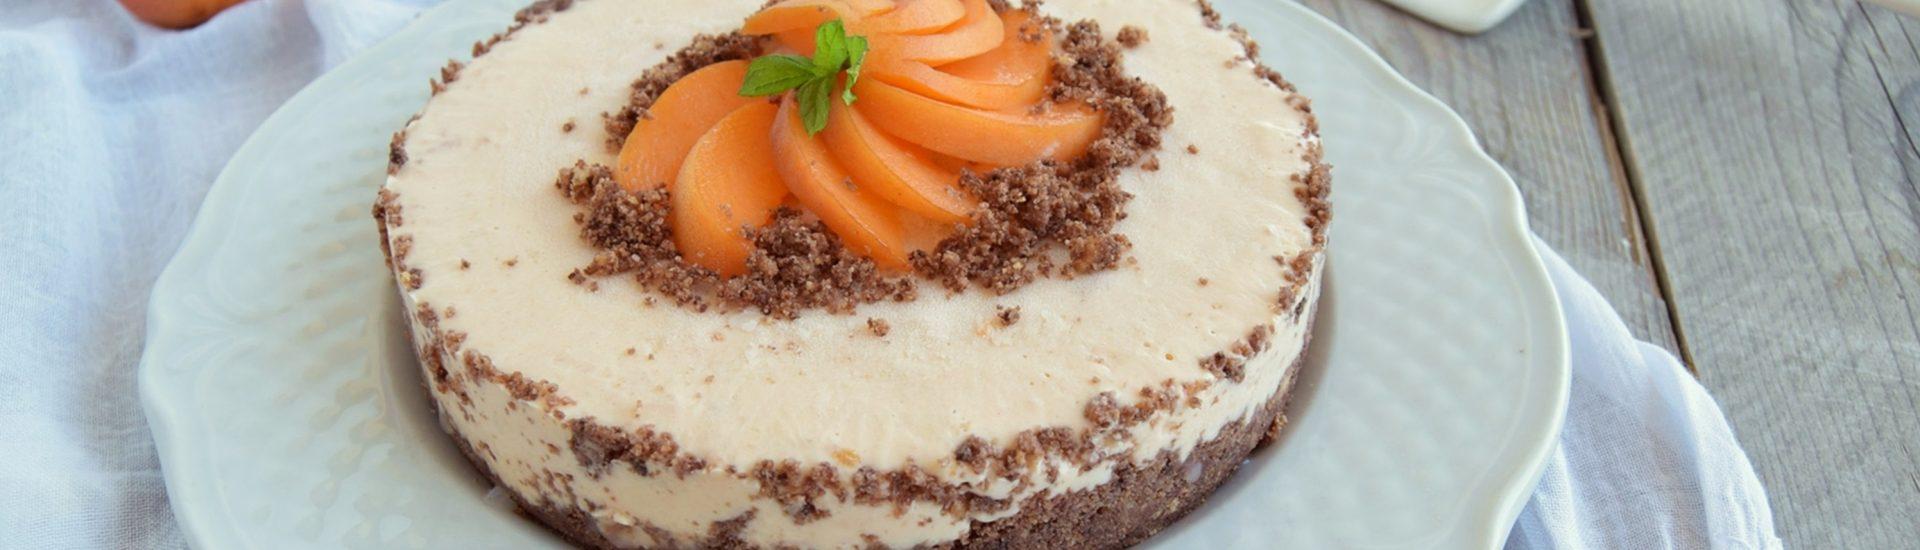 Torta fredda alle albicocche e cioccolato senza panna